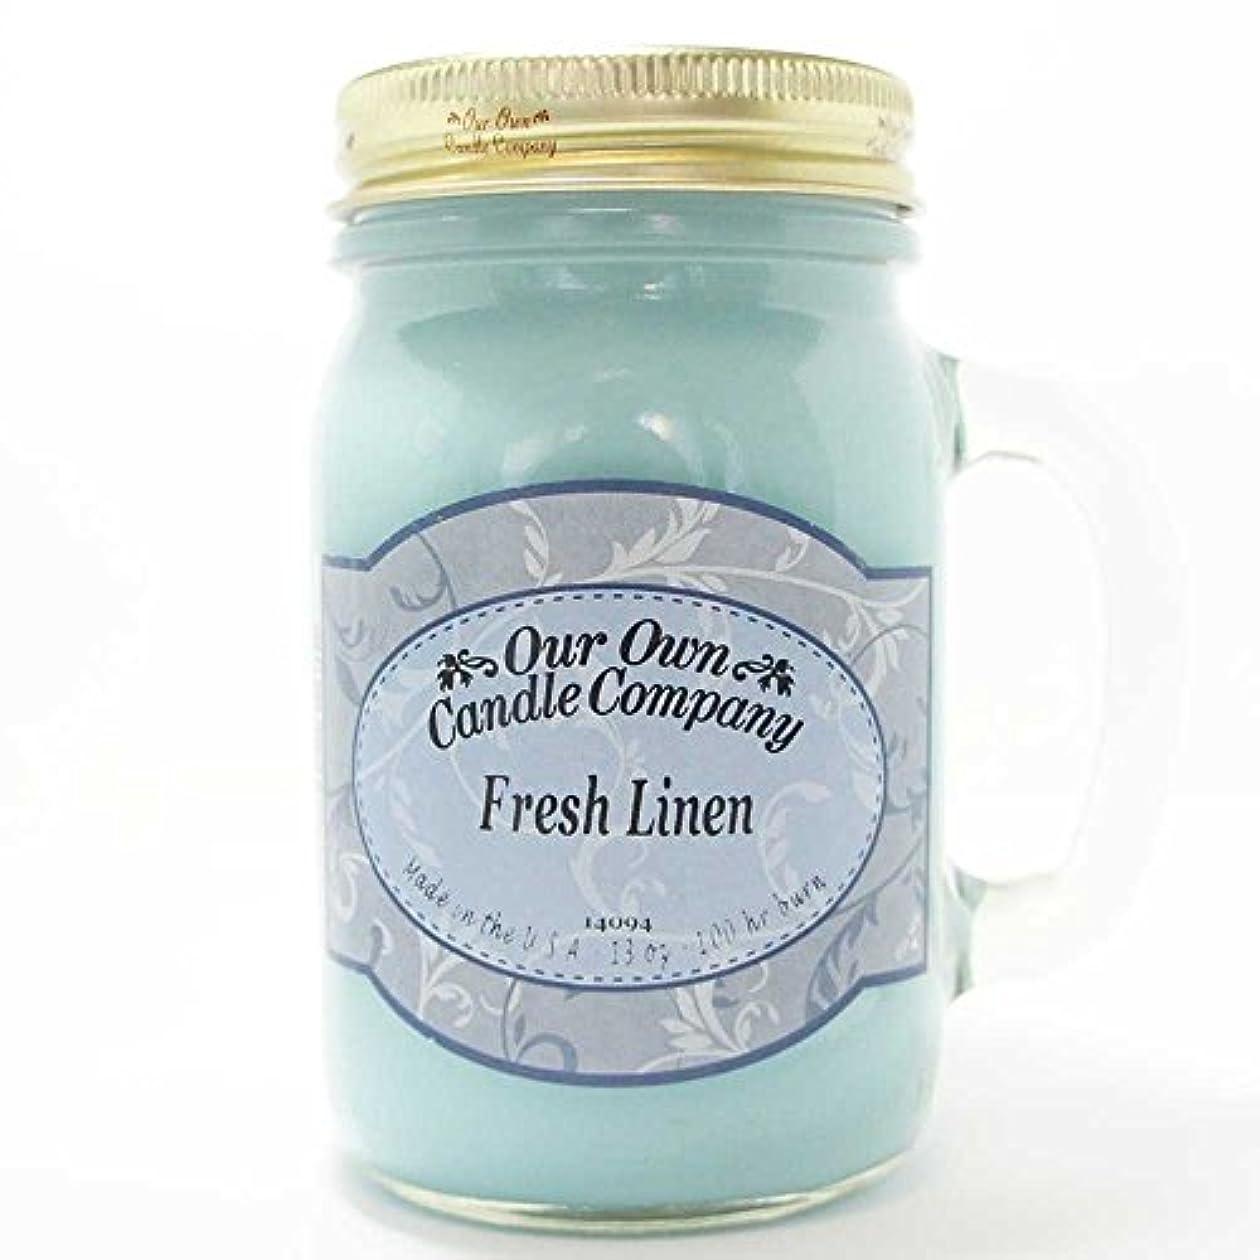 引き算透明に意図アロマキャンドル メイソンジャー フレッシュリネン ビッグ Our Own Candle Company Fresh Linen big